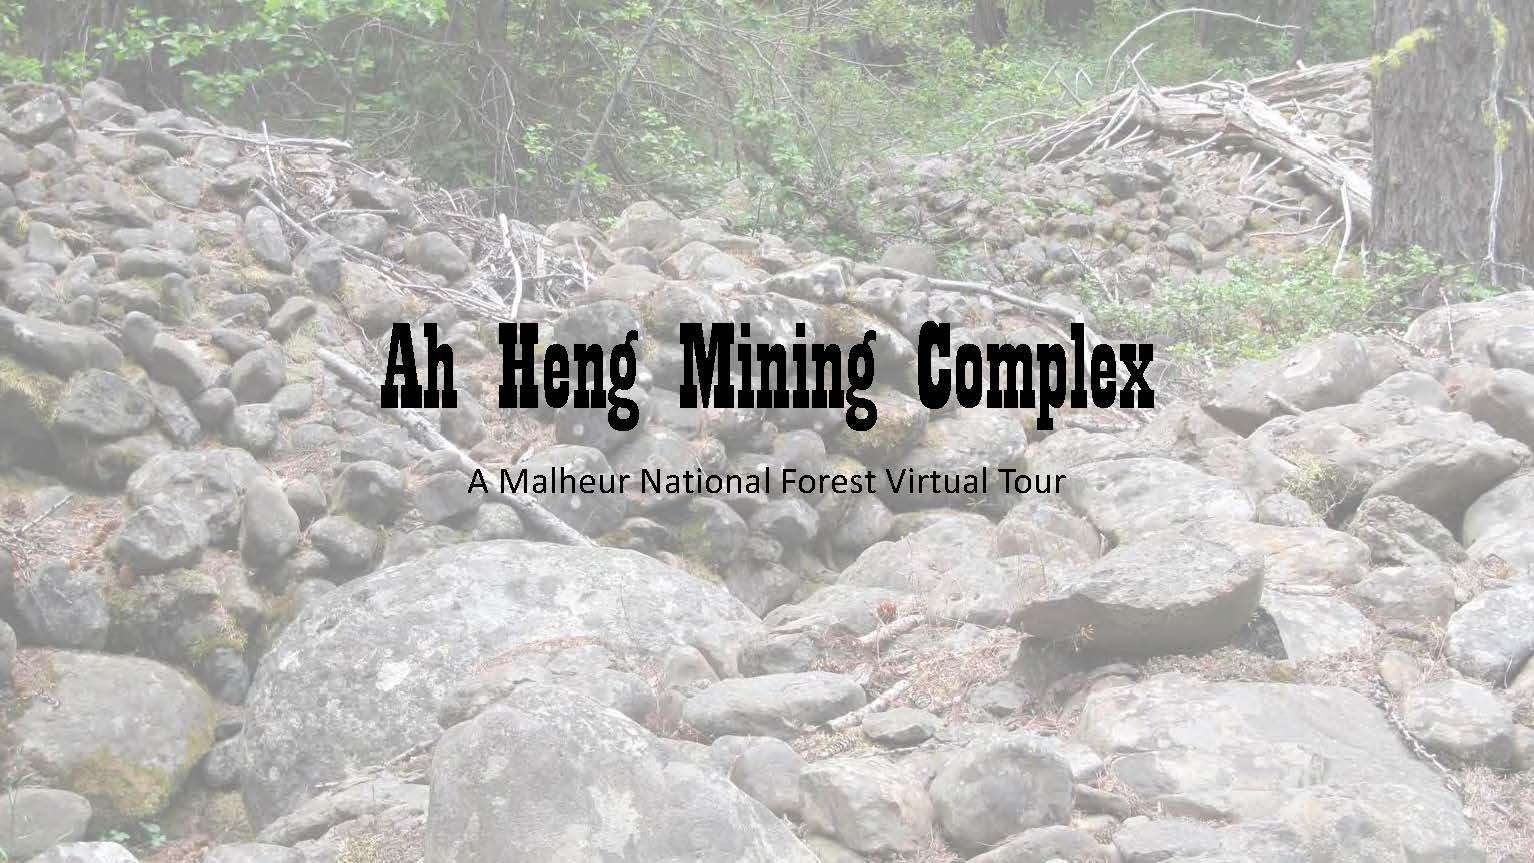 Ah Heng Mining Complex A Malheur National Forest Virtual Tour